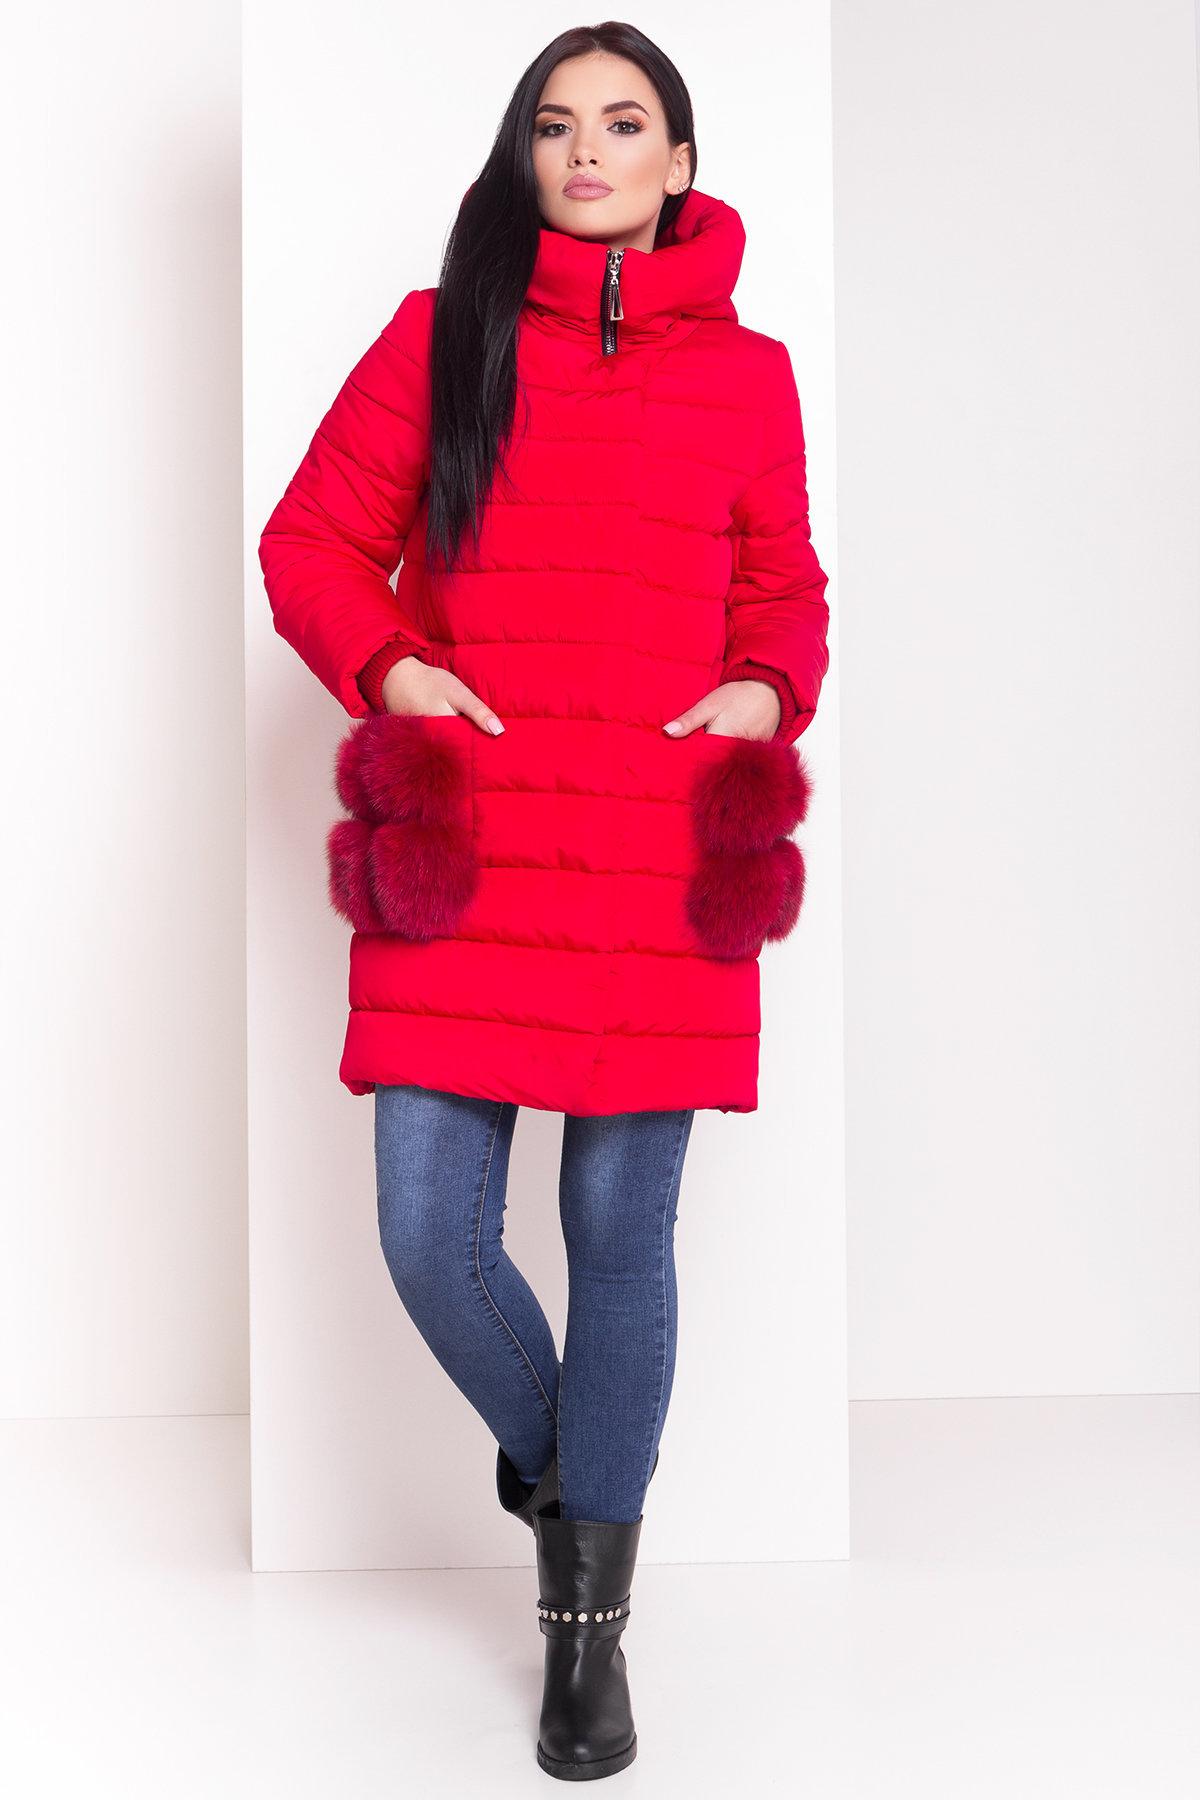 Зимний пуховик прямого кроя Лили Канада 8363 АРТ. 44554 Цвет: Красный - фото 7, интернет магазин tm-modus.ru